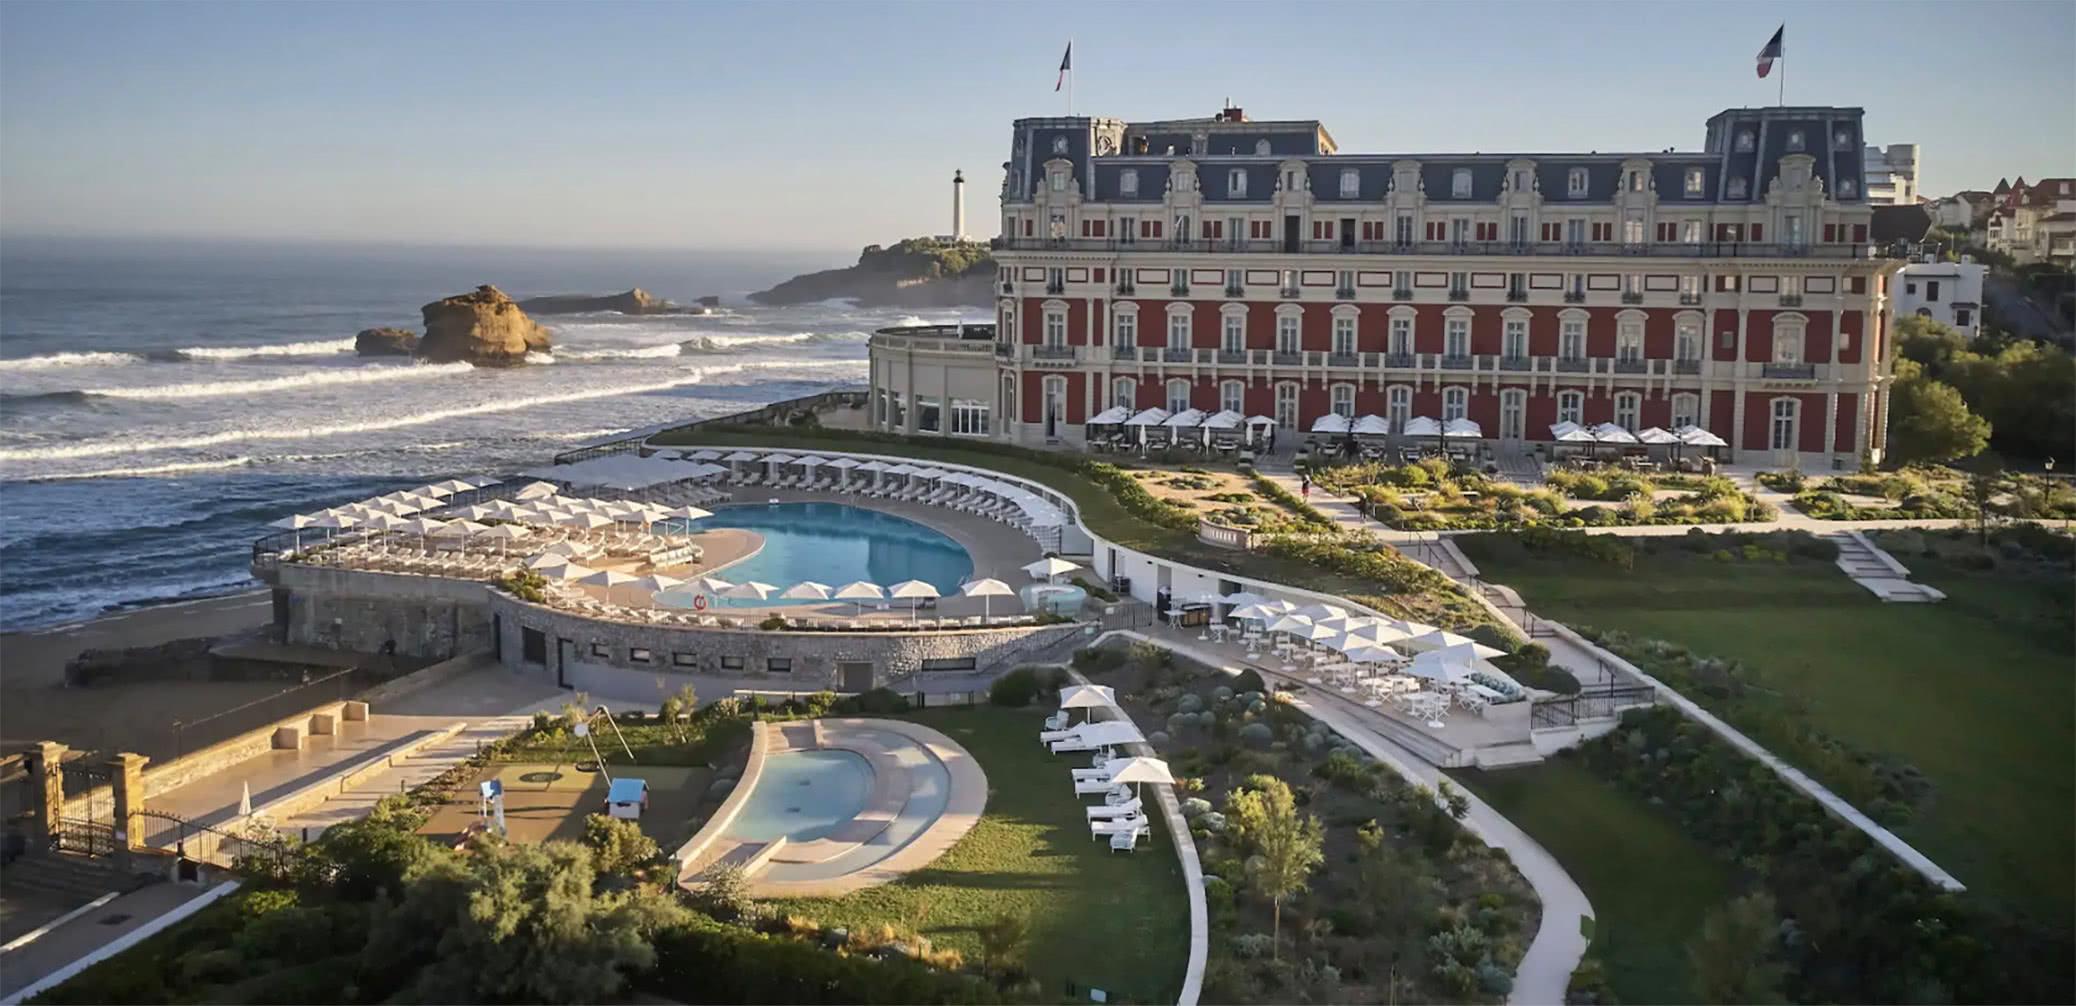 Review: Hôtel du Palais Biarritz